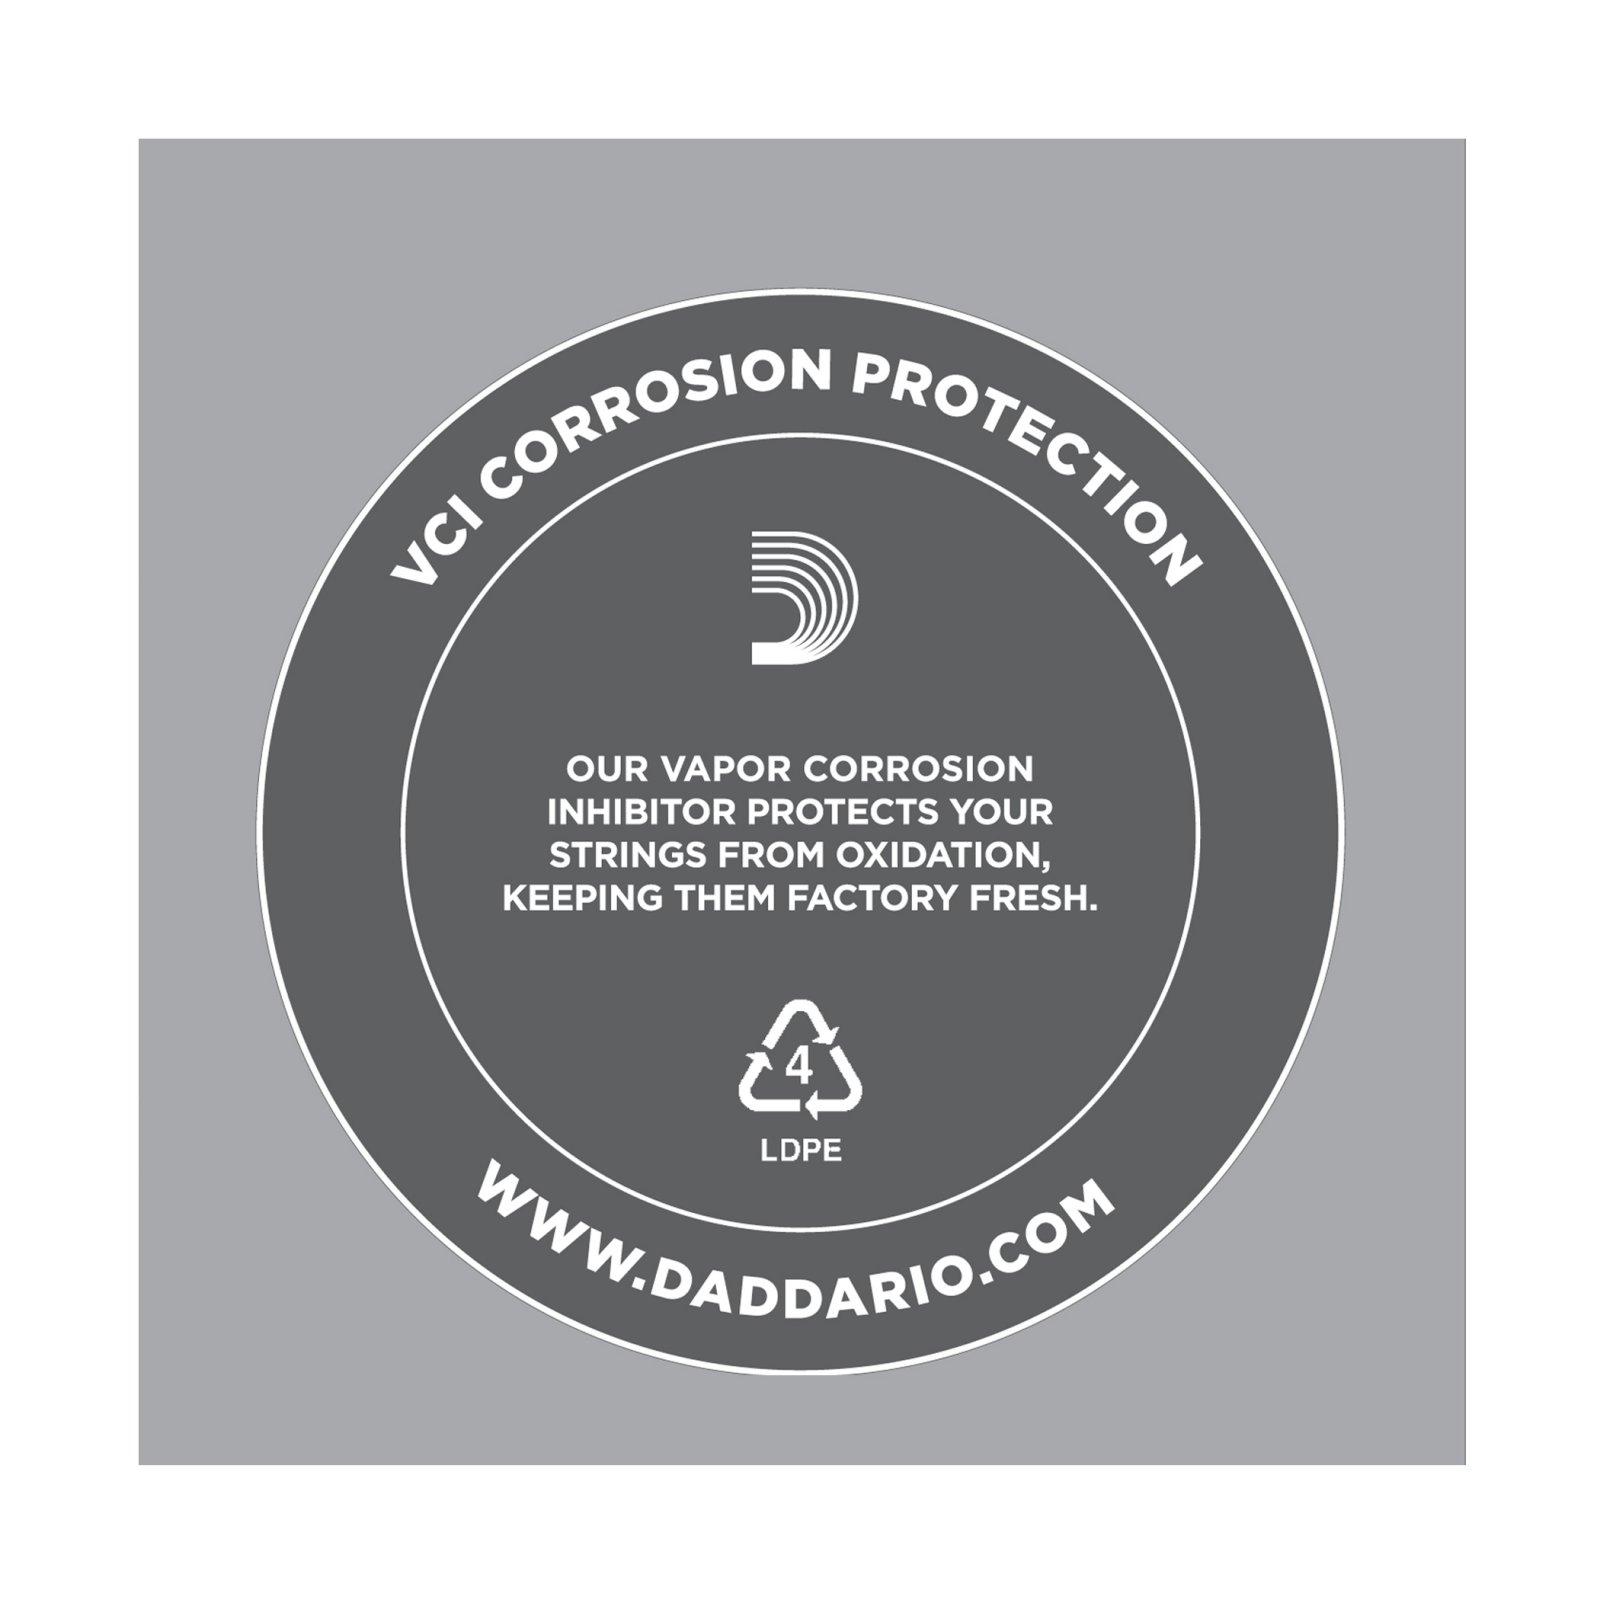 D'Addario .022 Plain Steel Guitar String